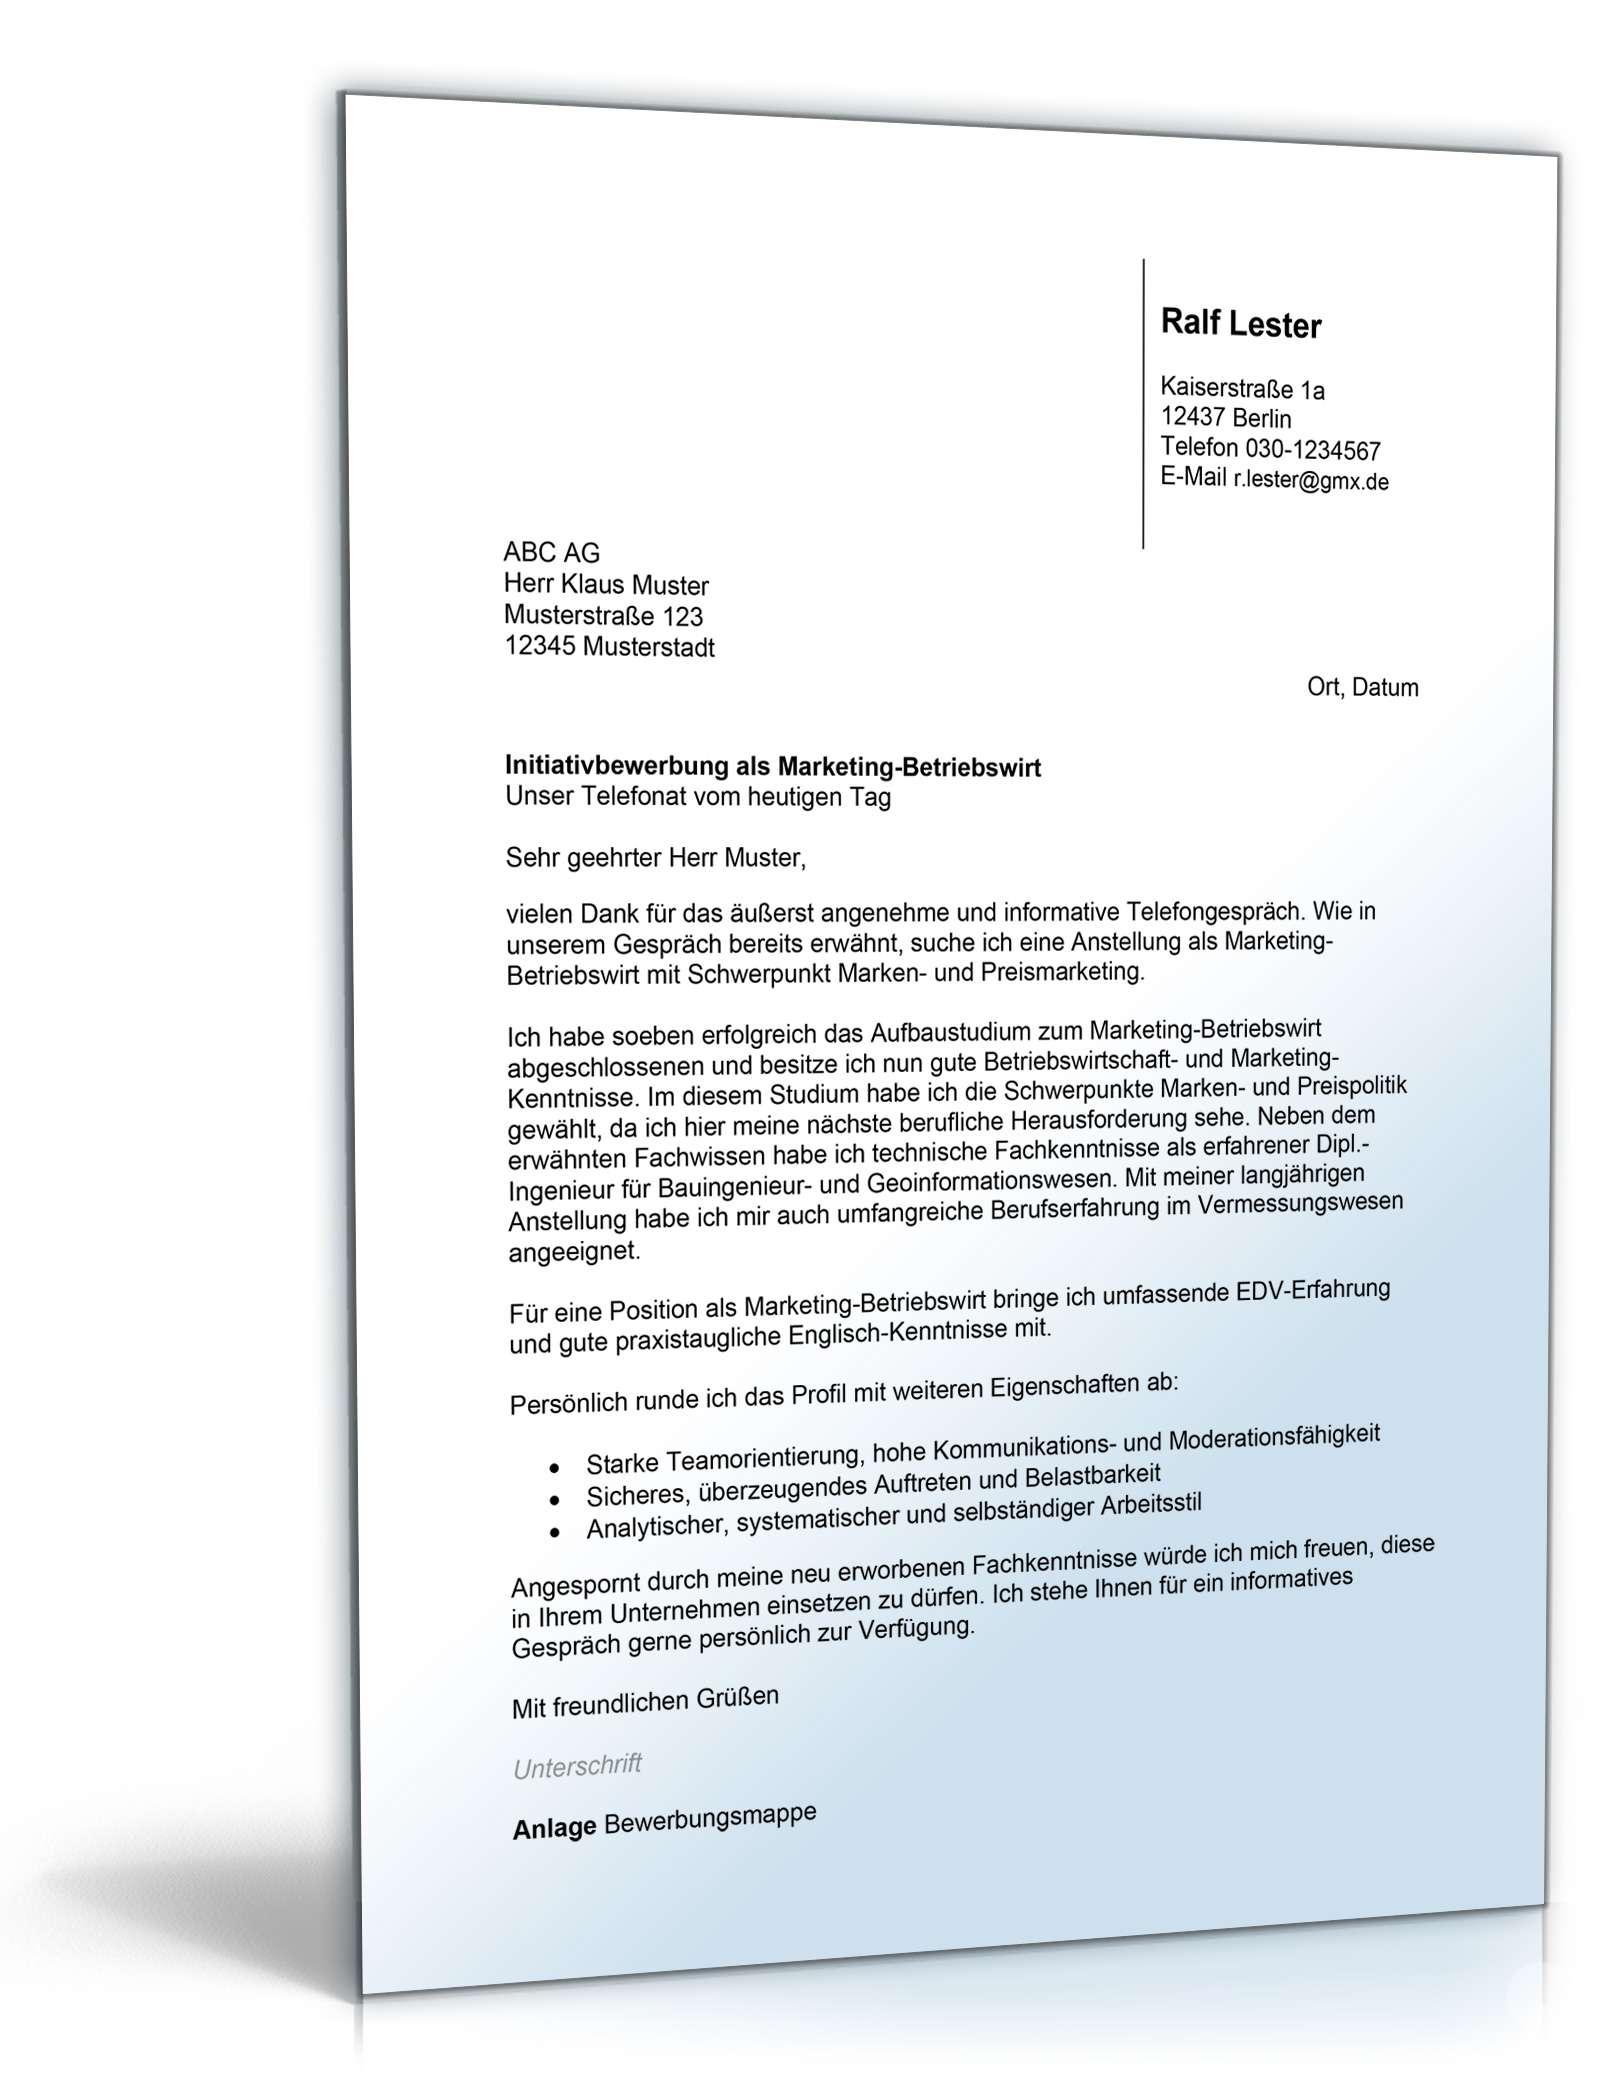 Schön Beispiel Lebenslauf Für Frisch Diplom Ohne Berufserfahrung Pdf ...